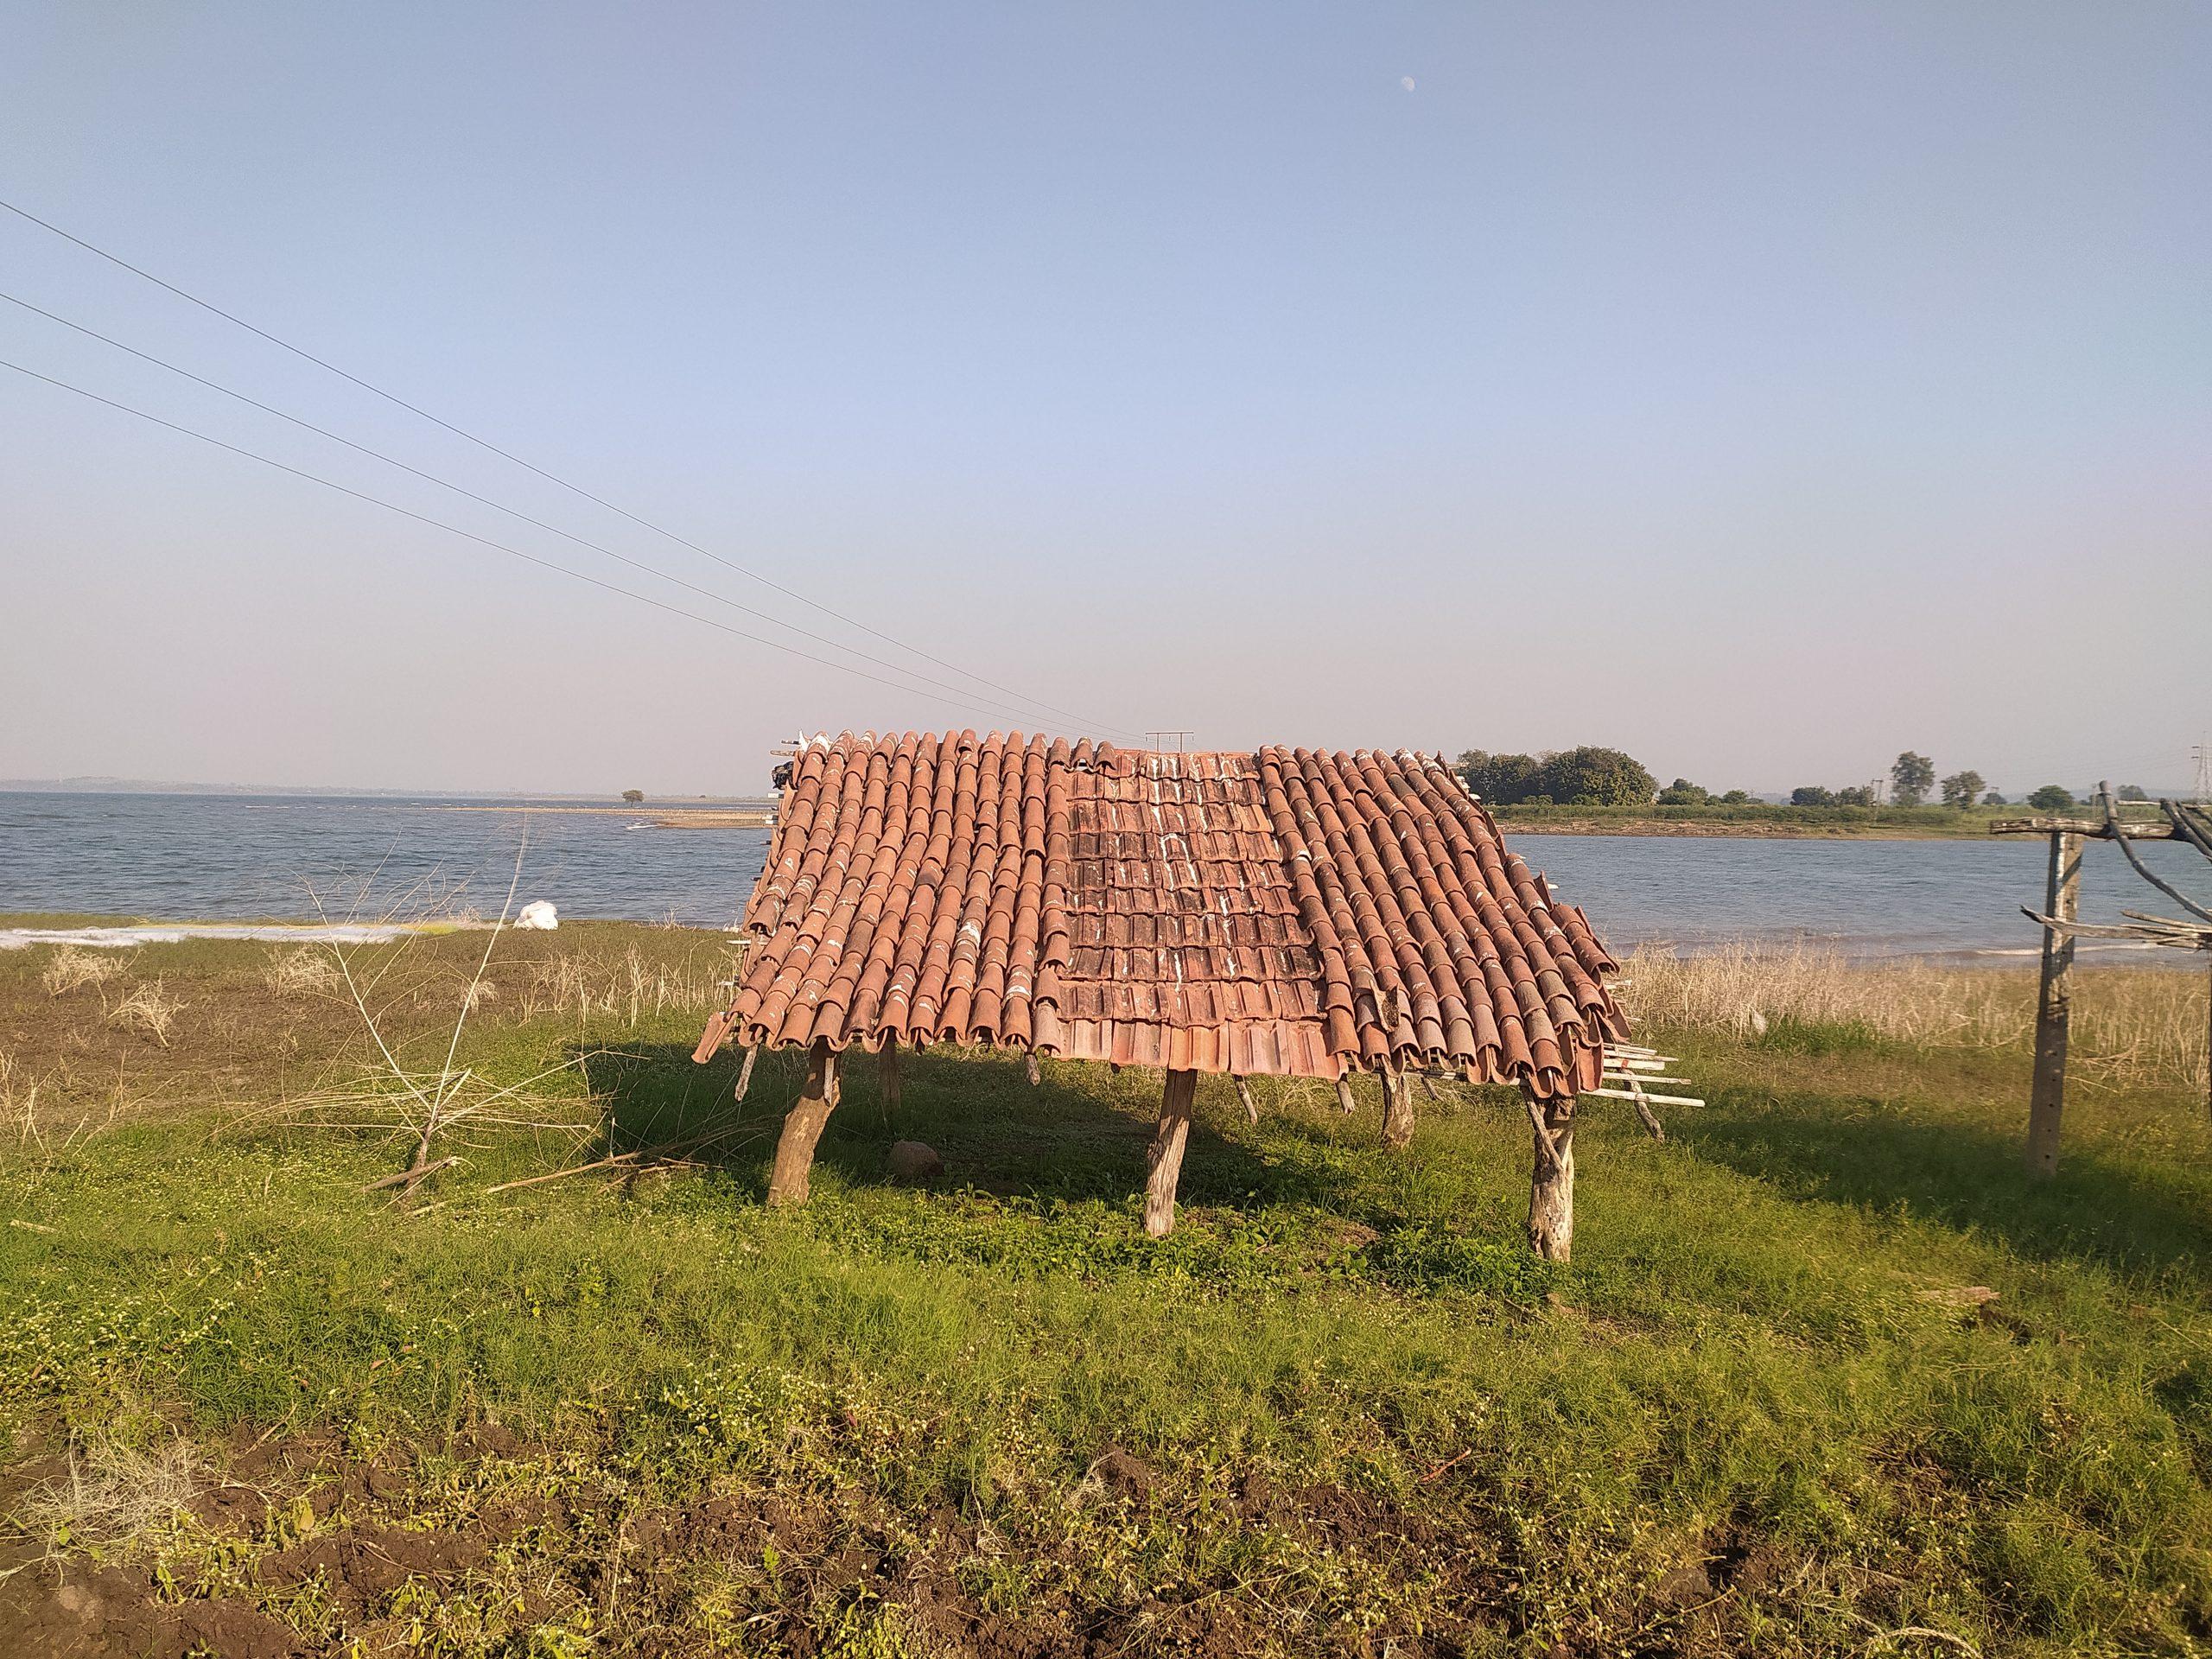 A hut at a beachside